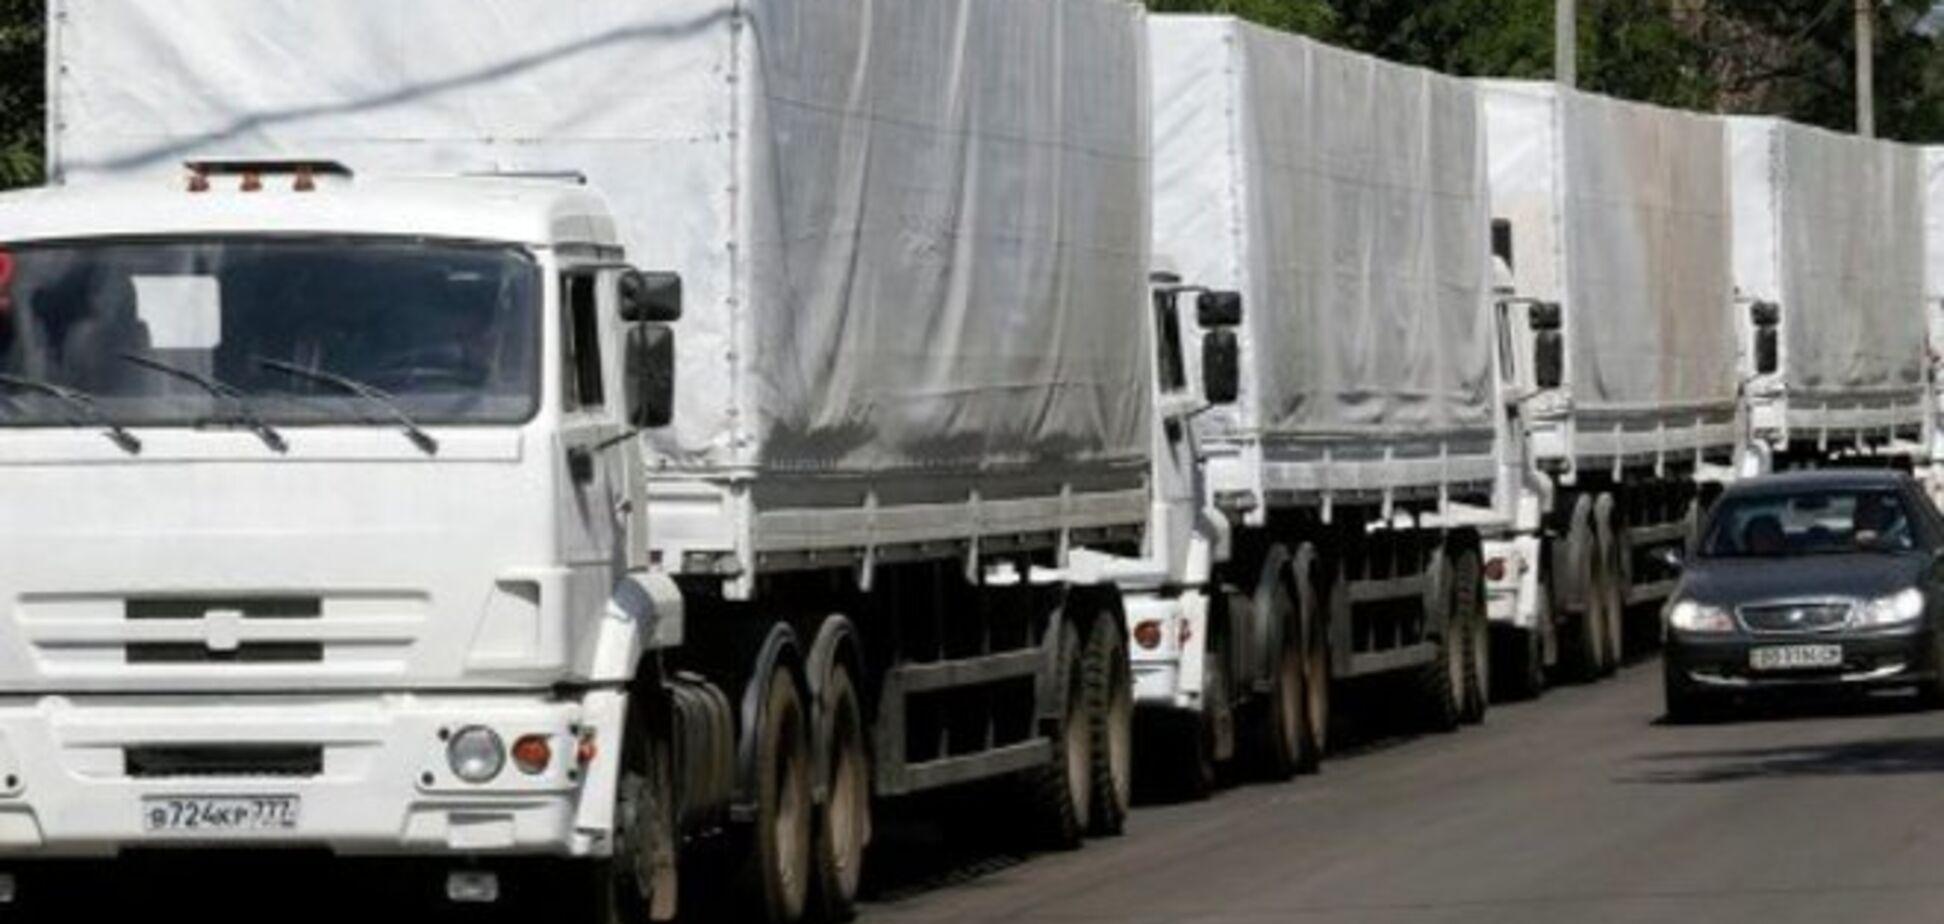 С прибытием очередного 'гумконвоя' РФ интенсивность обстрелов сил АТО увеличится в разы - Тымчук